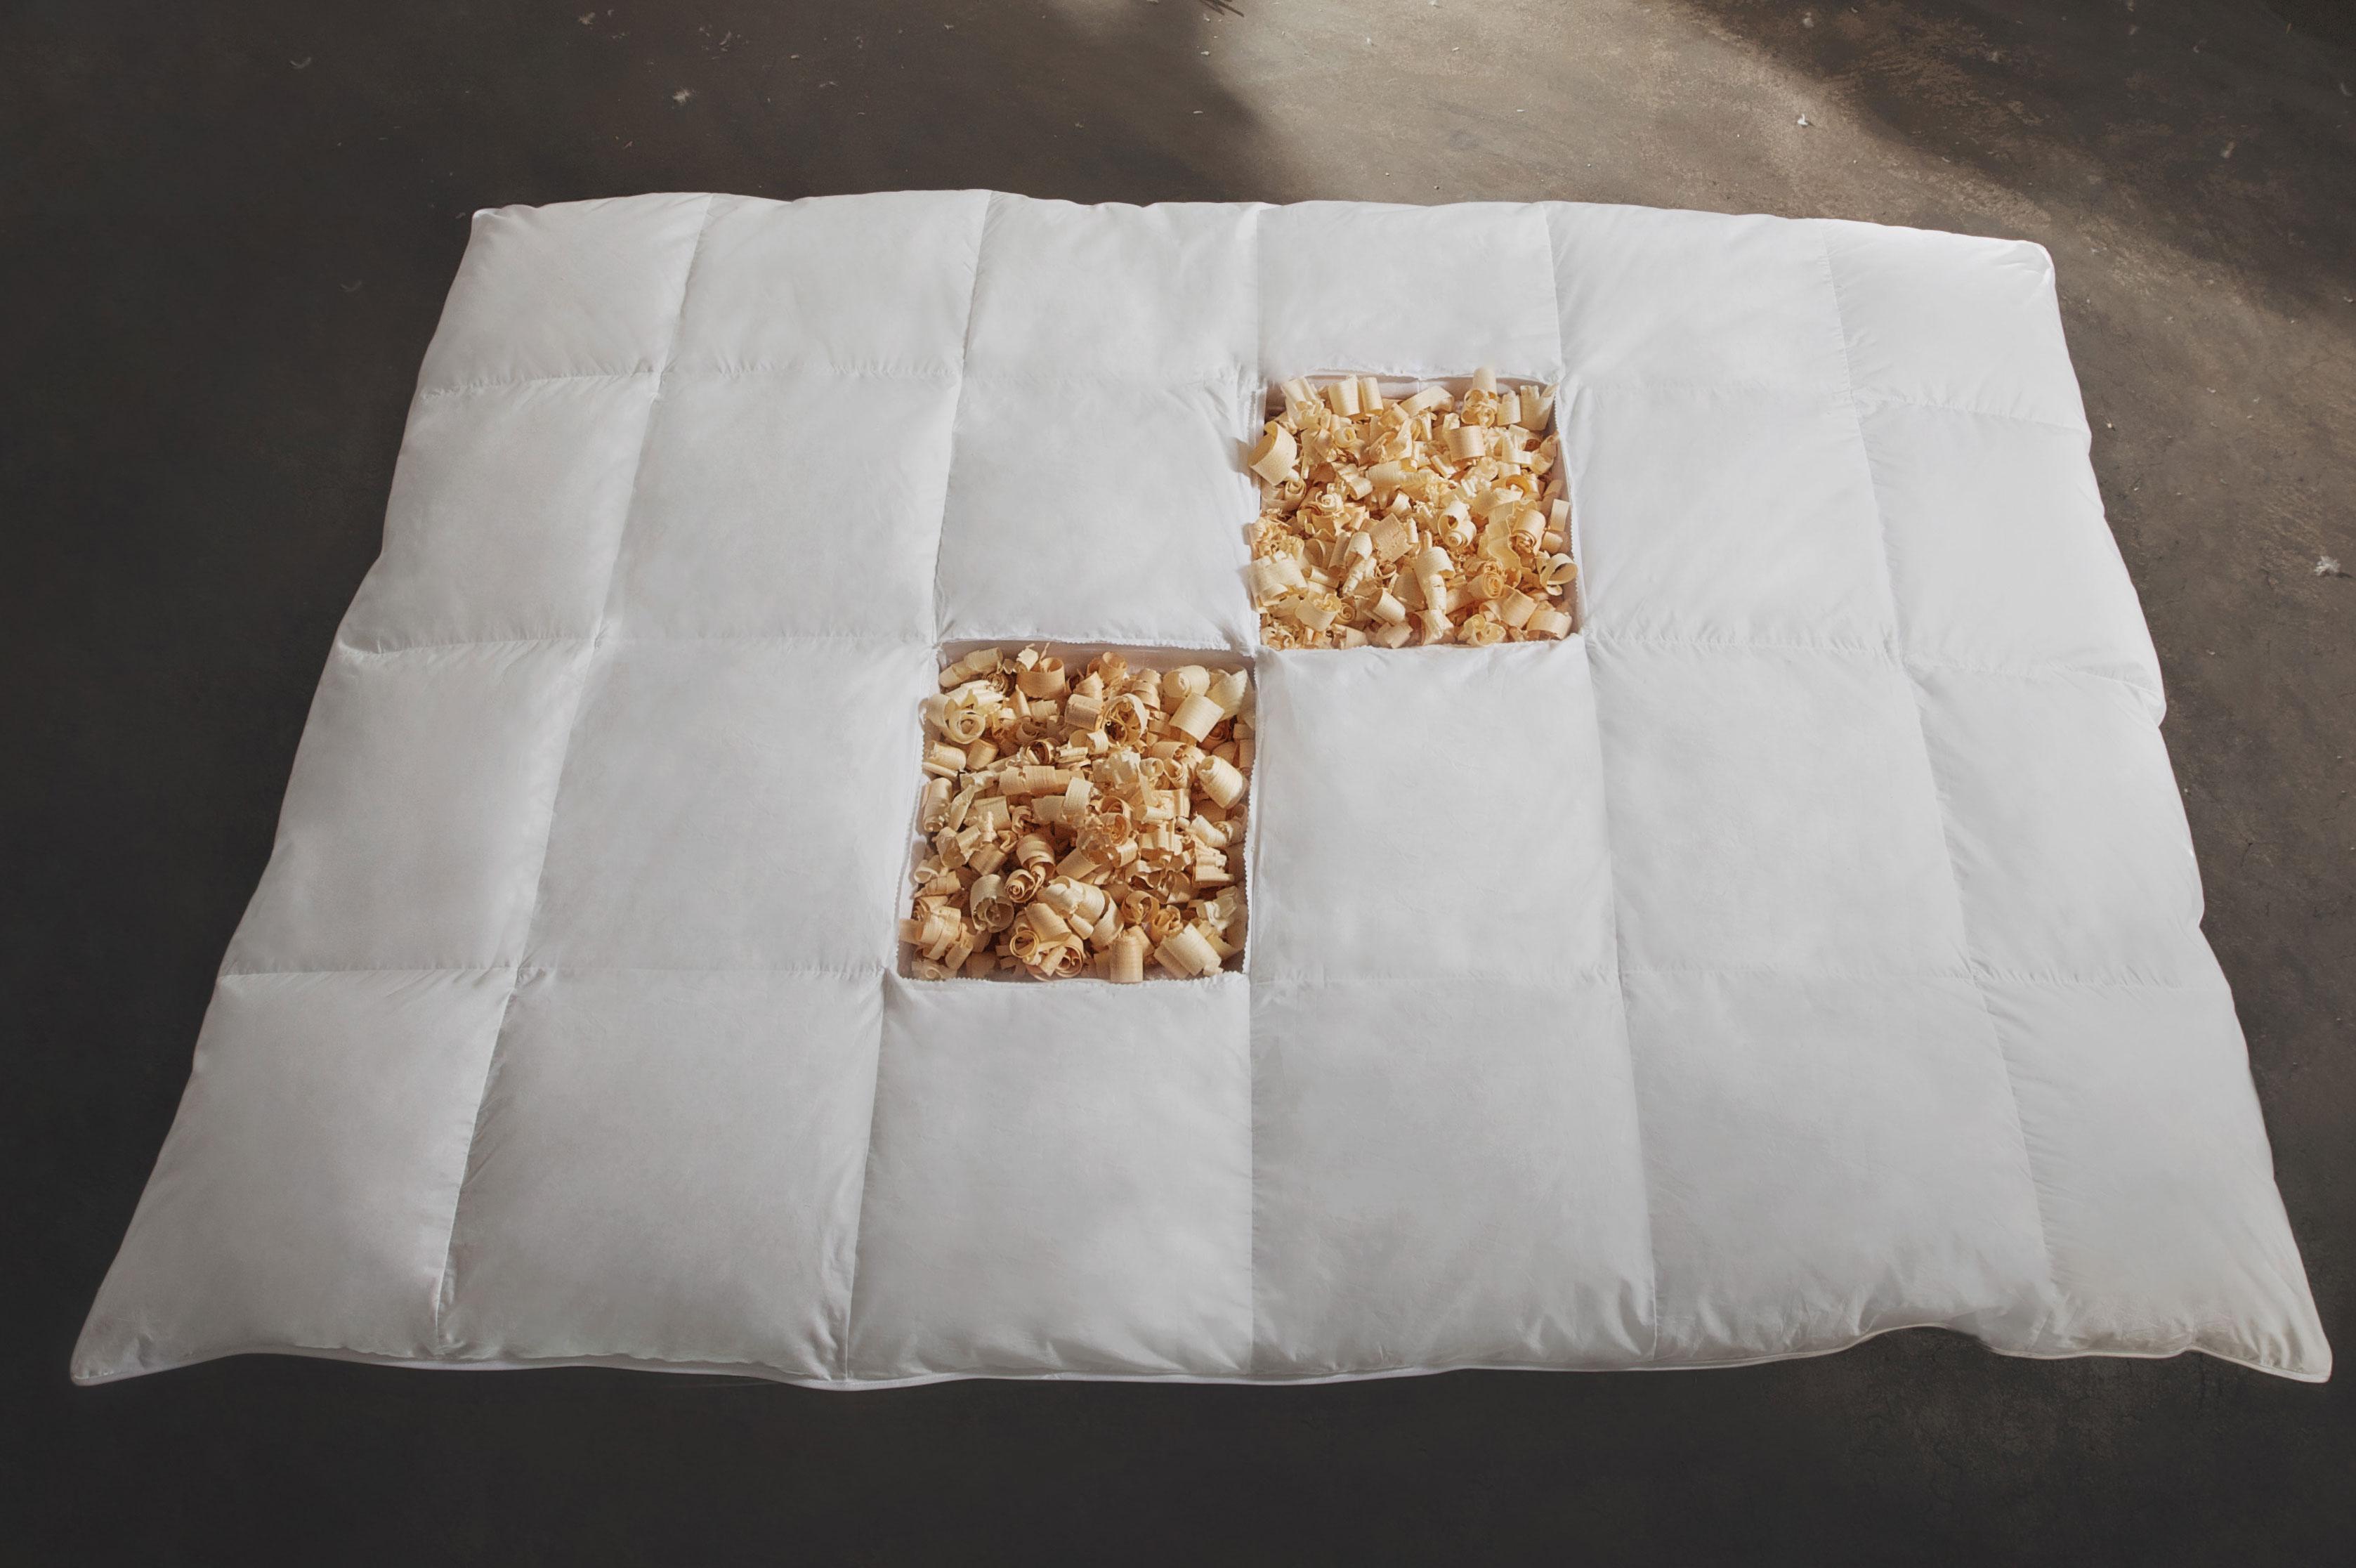 Bettdecken und Kopfkissen - Zirben Daunen Bettdecke Ganzjahresbett warm 155x220 Hermetic® Zirbe  - Onlineshop PremiumShop321